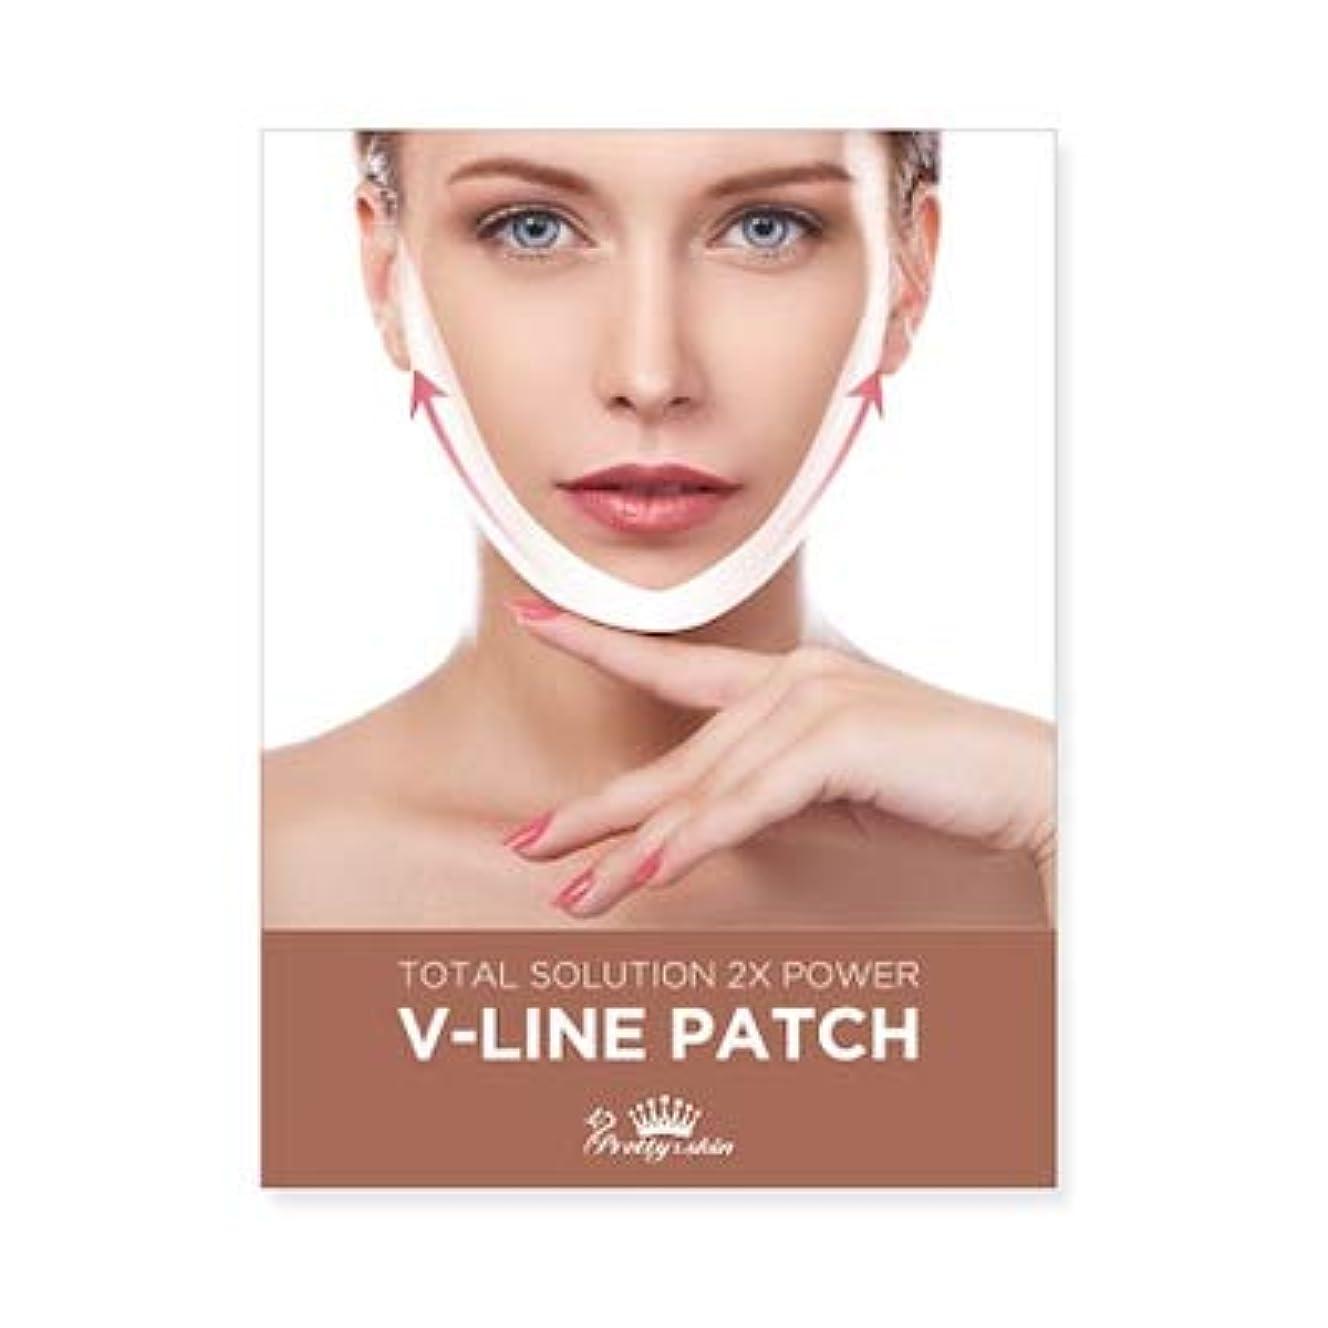 テロリスト地上で世界に死んだpretty skin プリティスキン V-LINE PATCH ブイラインパッチ リフトアップ マスク (5枚組, ホワイト)